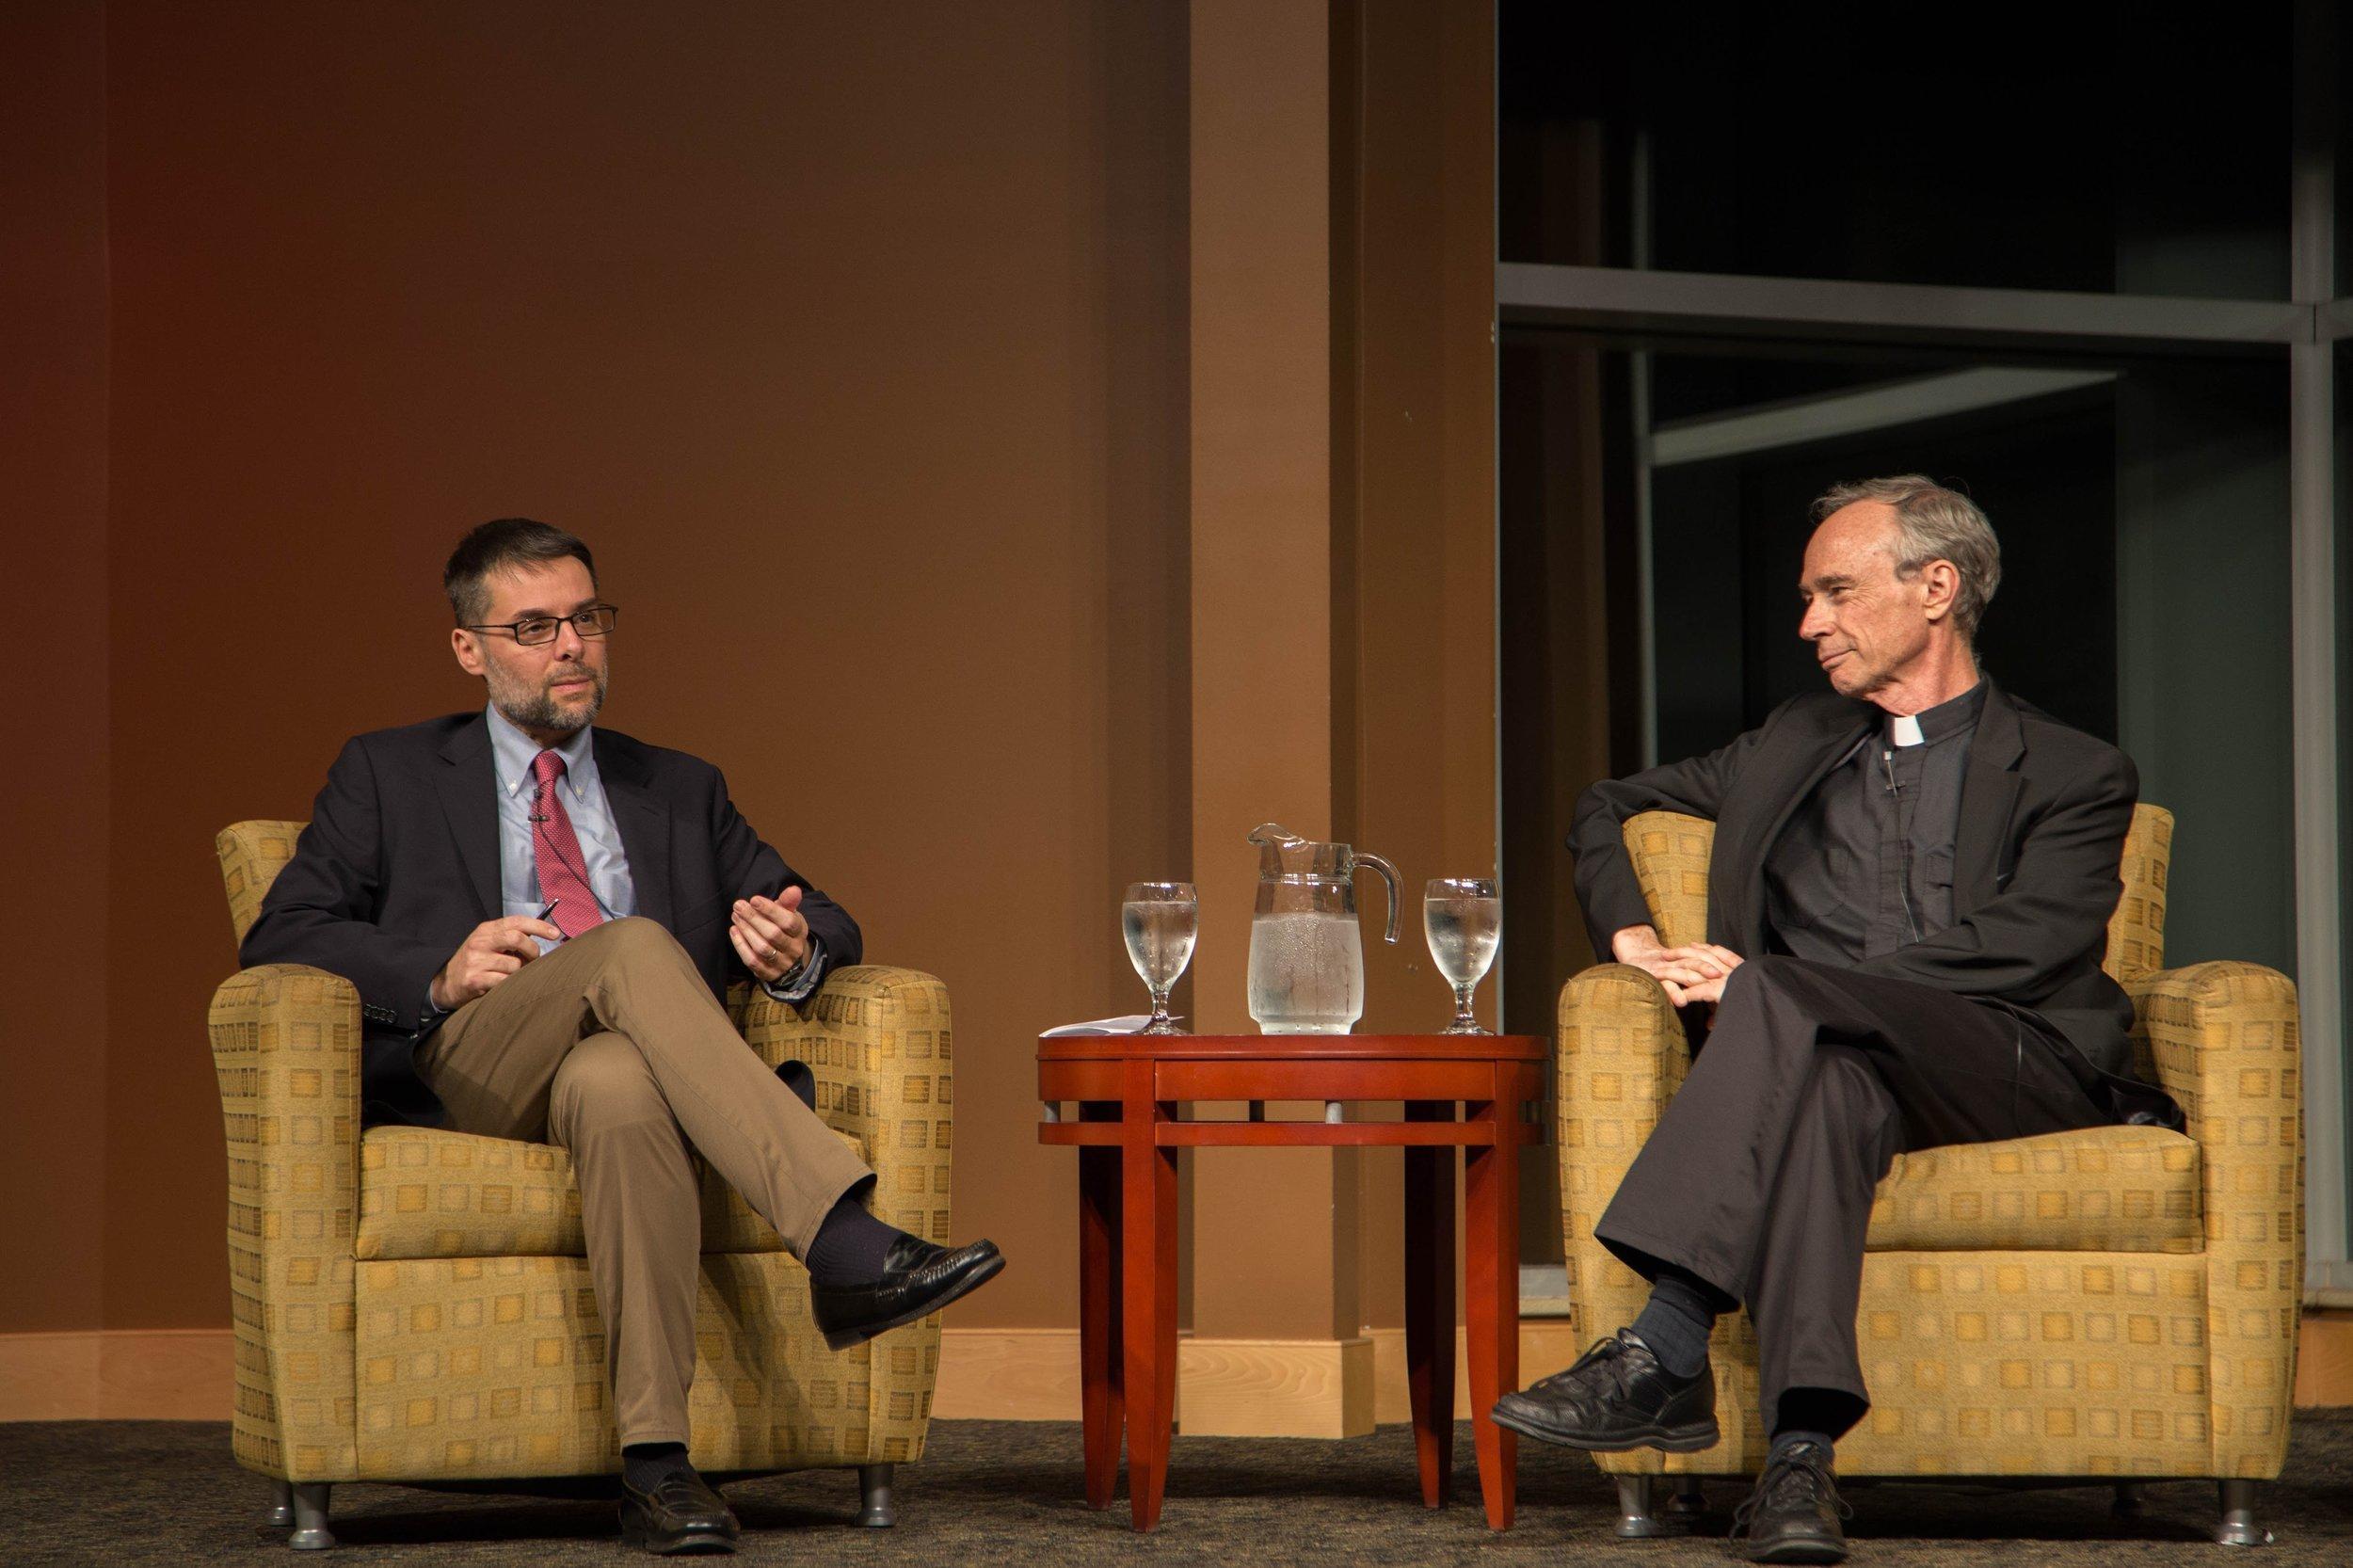 Dr. Massimo Faggioli & Fr. Thomas Reese, SJ